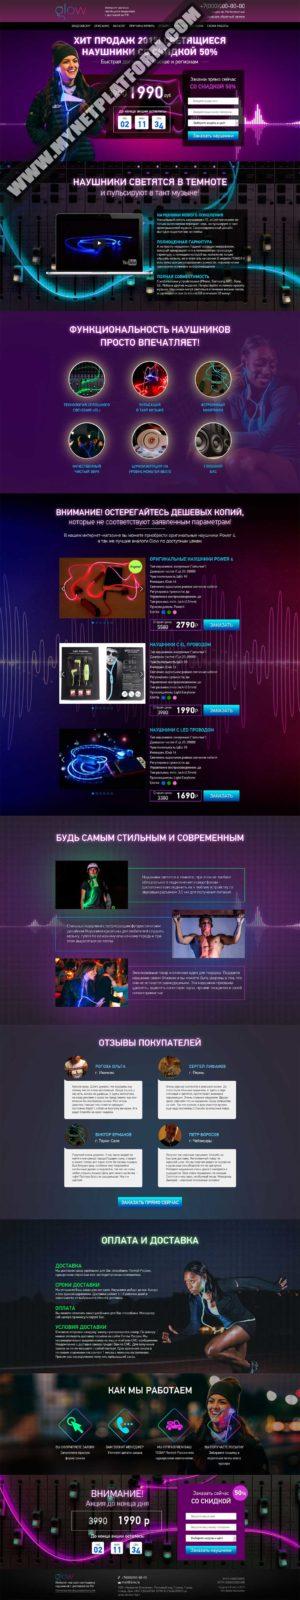 Скриншот Лендинг Светящиеся наушники Glow stereo 001